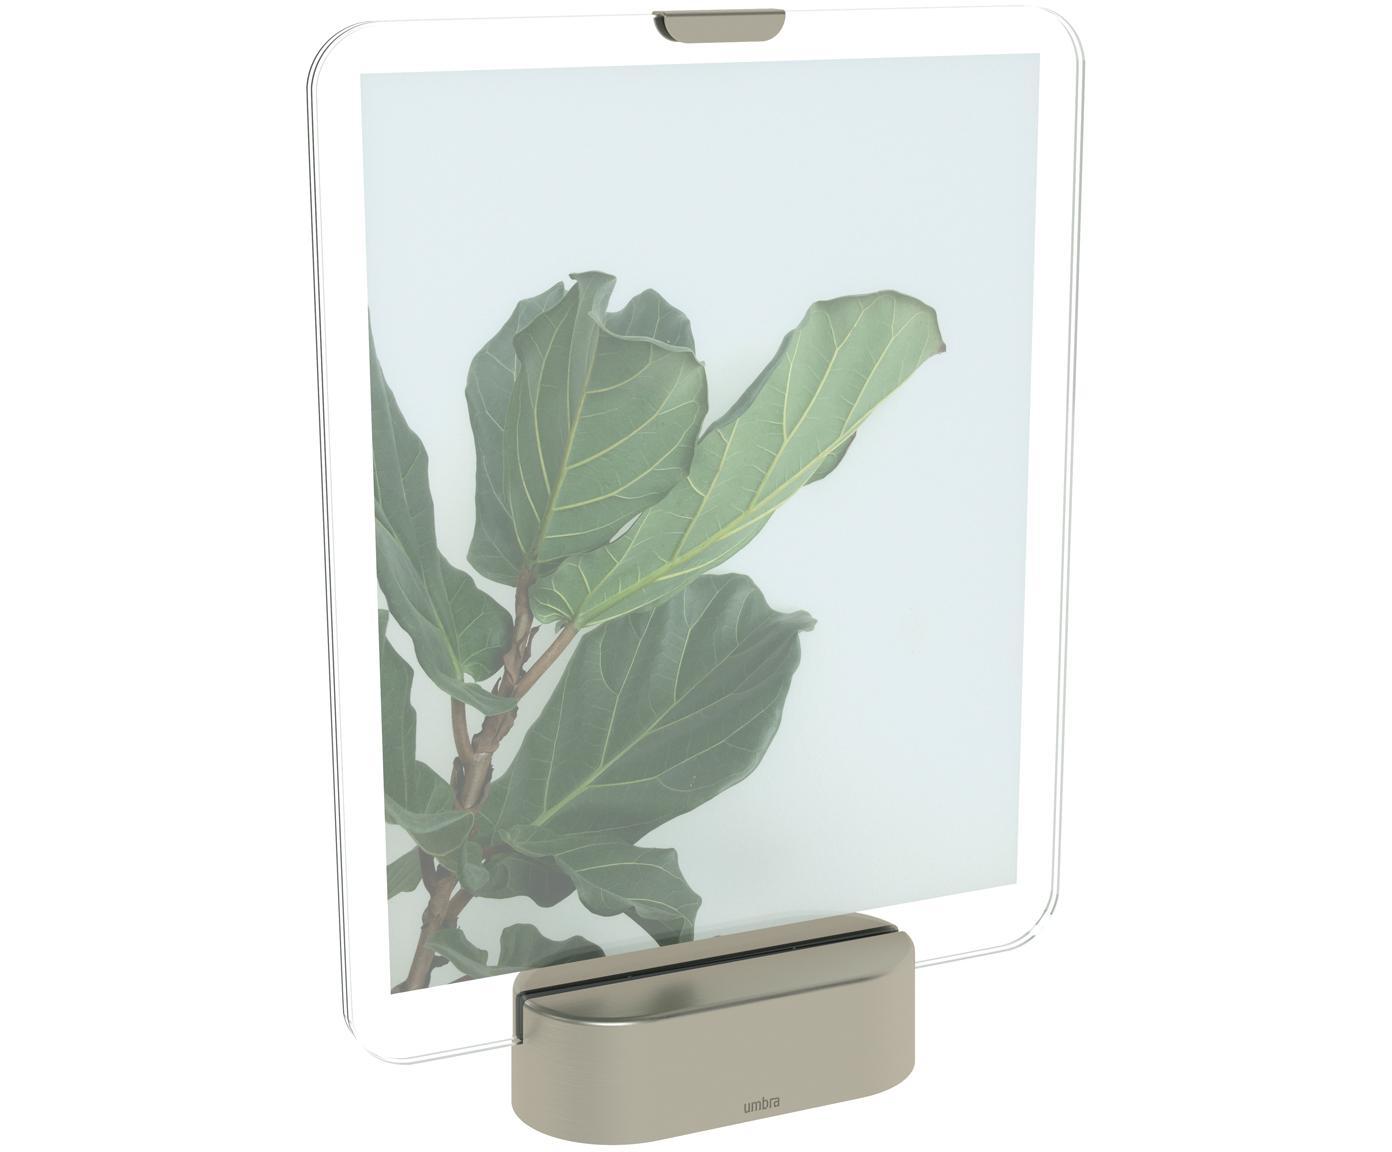 Ramka na zdjęcia LED Glo, Odcienie niklu, 20 x 25 cm